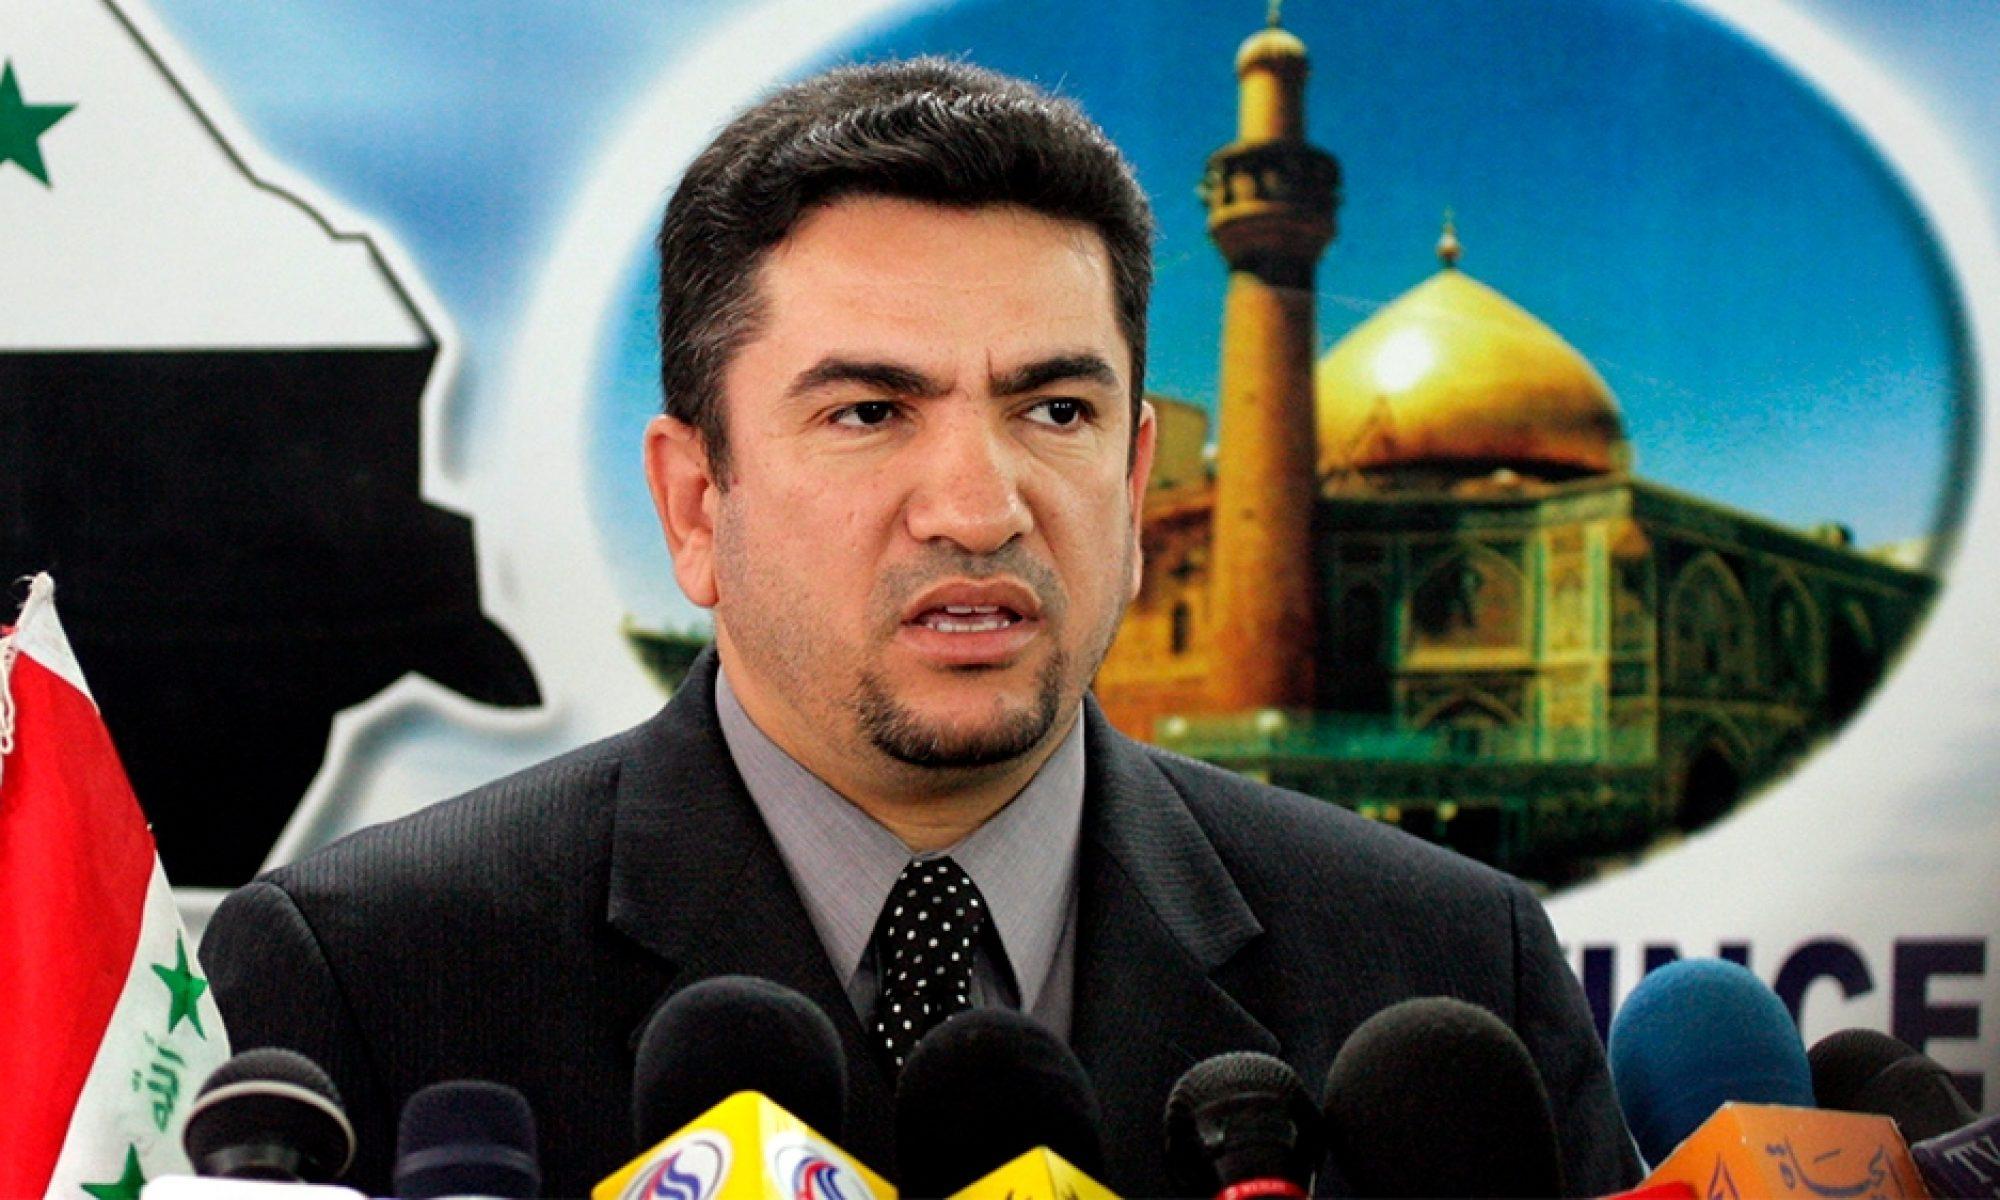 Berhem Salih Adnan Zurfi'yi hükümti kurmakla görevlendirdi